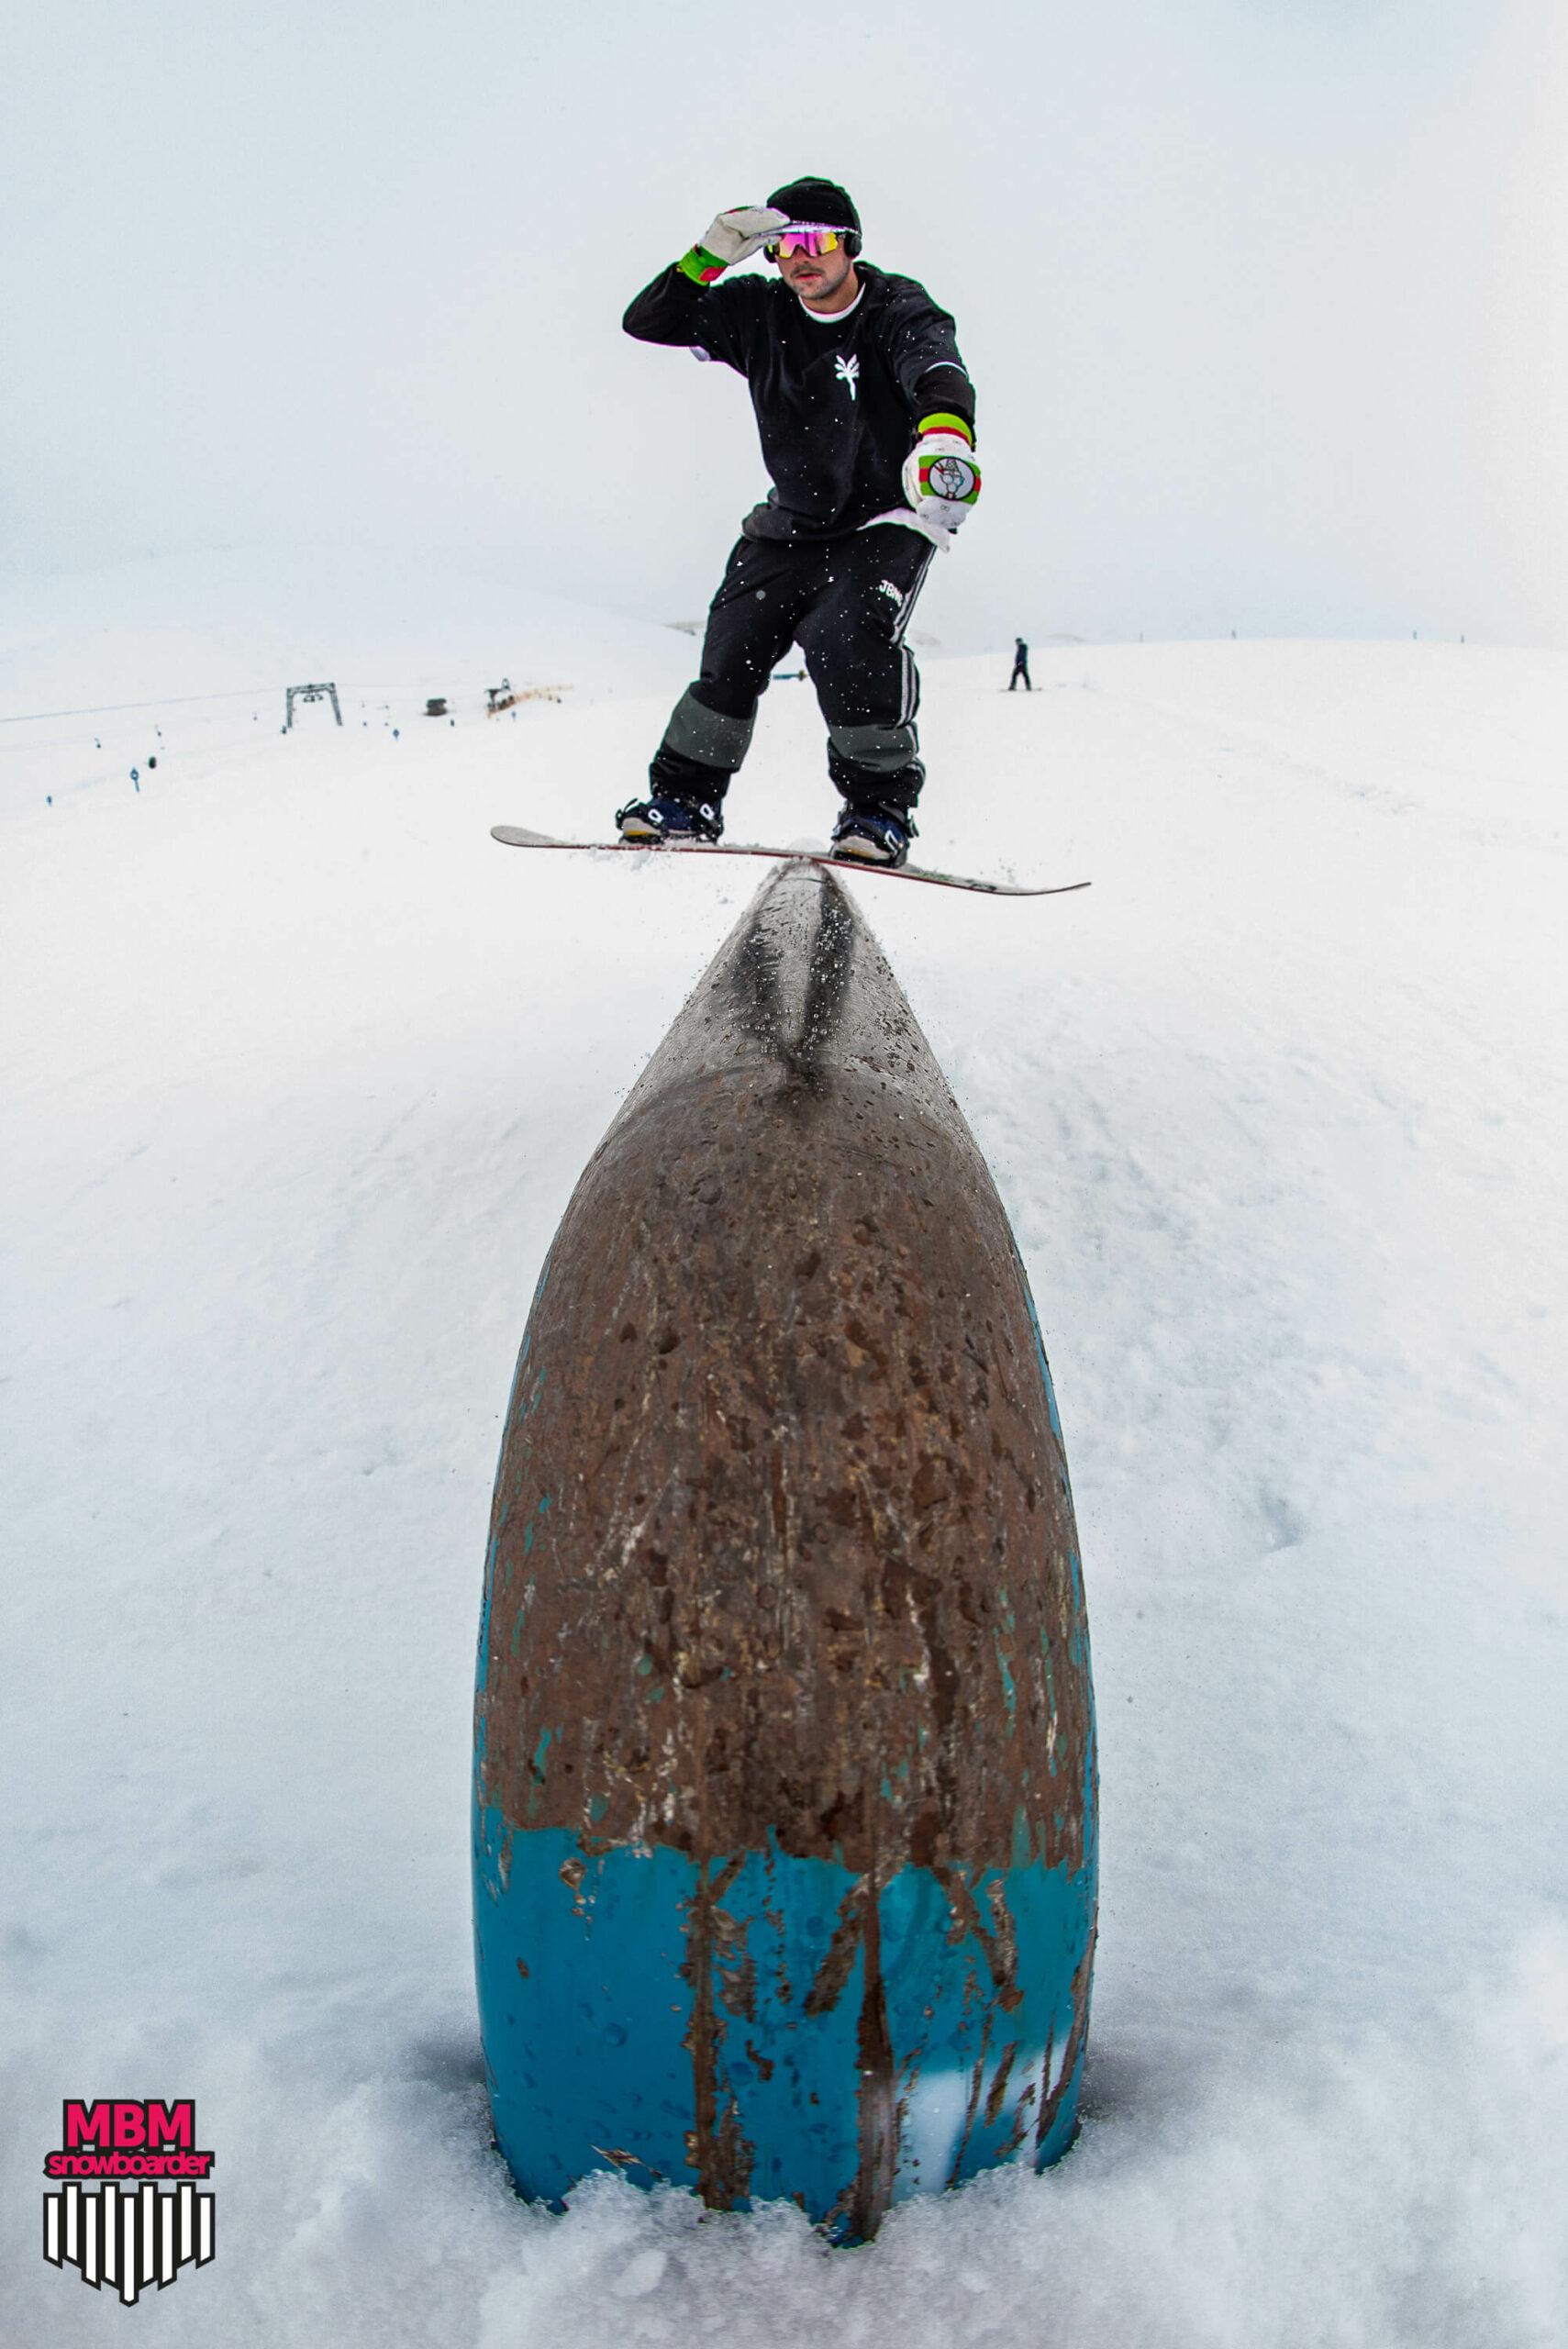 snowboarderMBM_sd_kaunertal_110